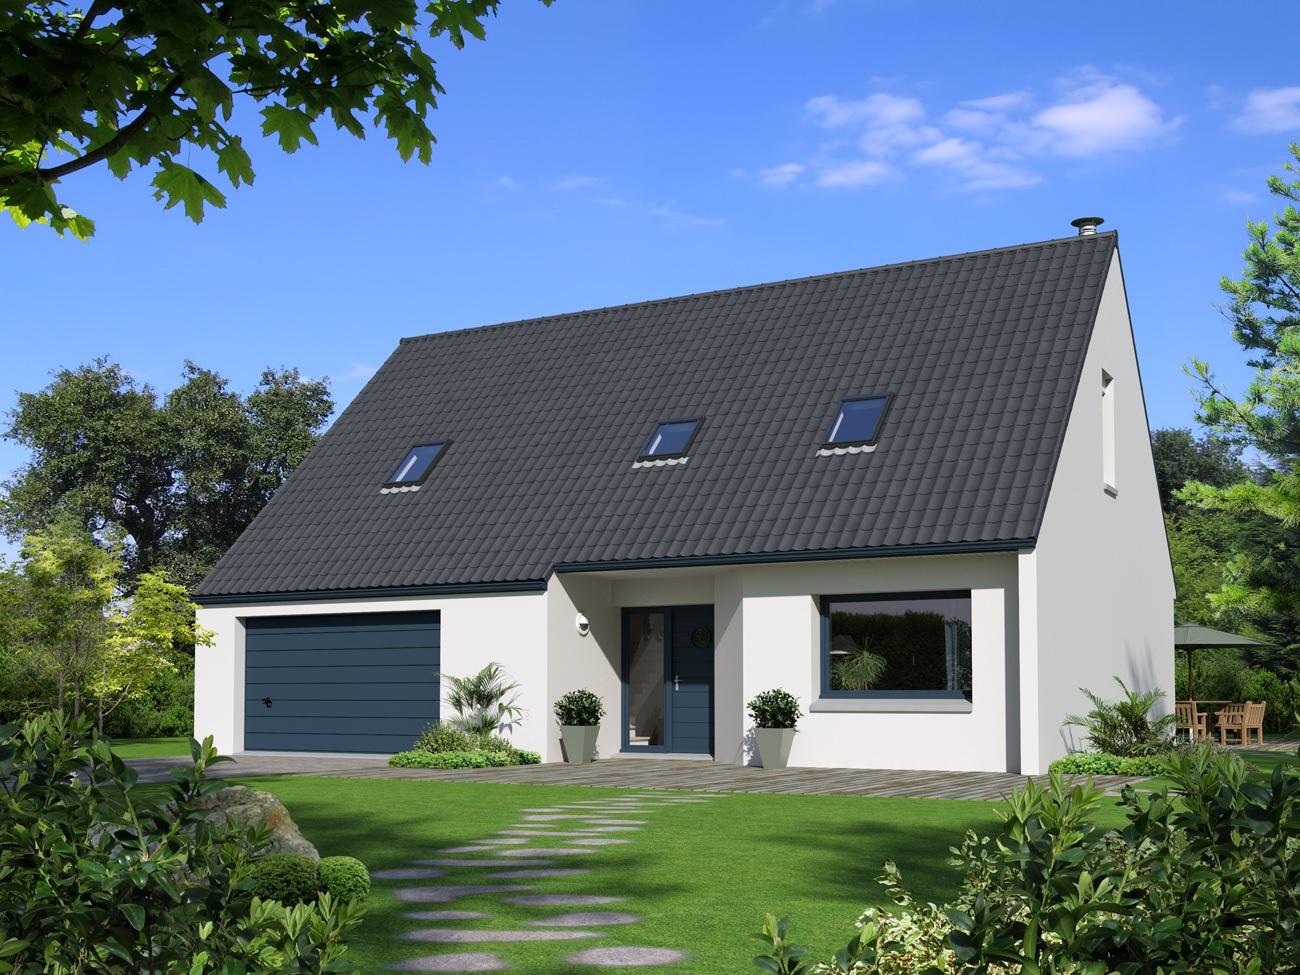 Maisons + Terrains du constructeur MAISON FAMILIALE • 120 m² • BAPAUME